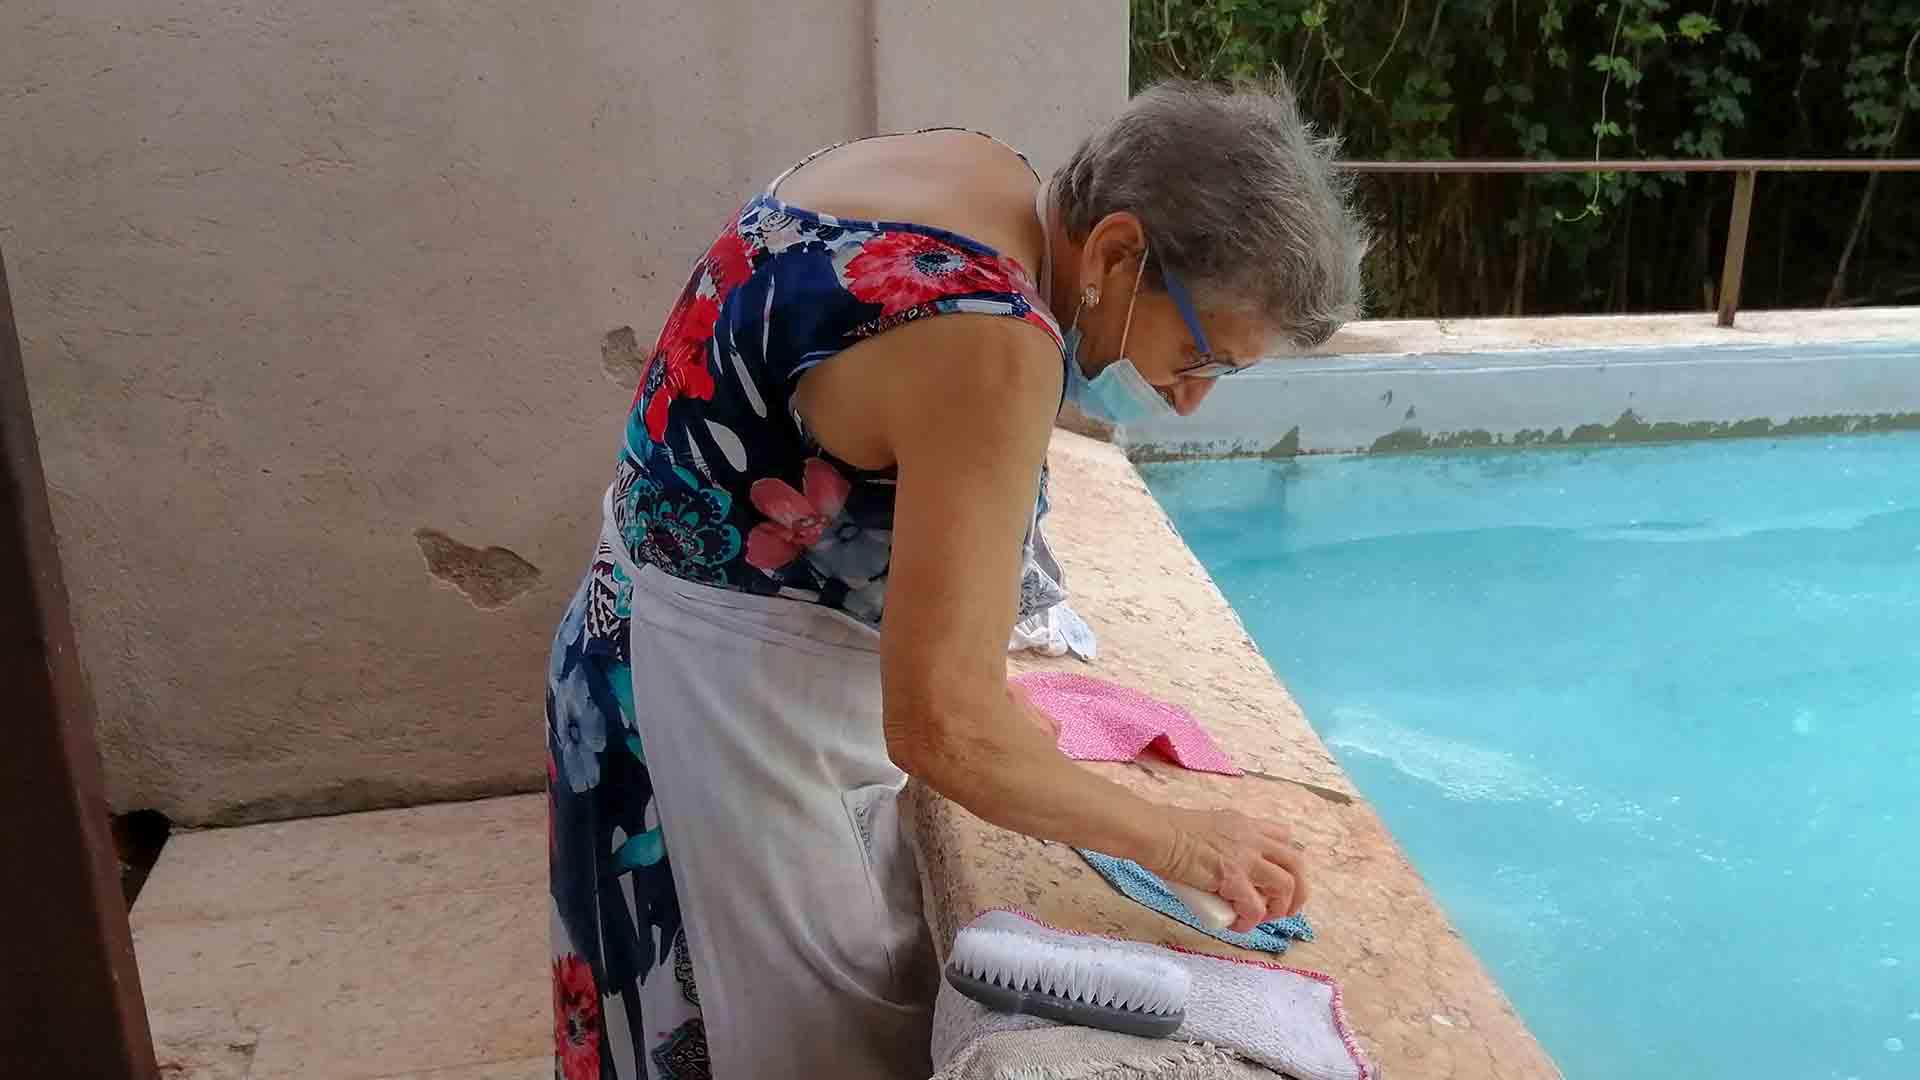 Le donne che portano avanti la tradizione delle lavandaie